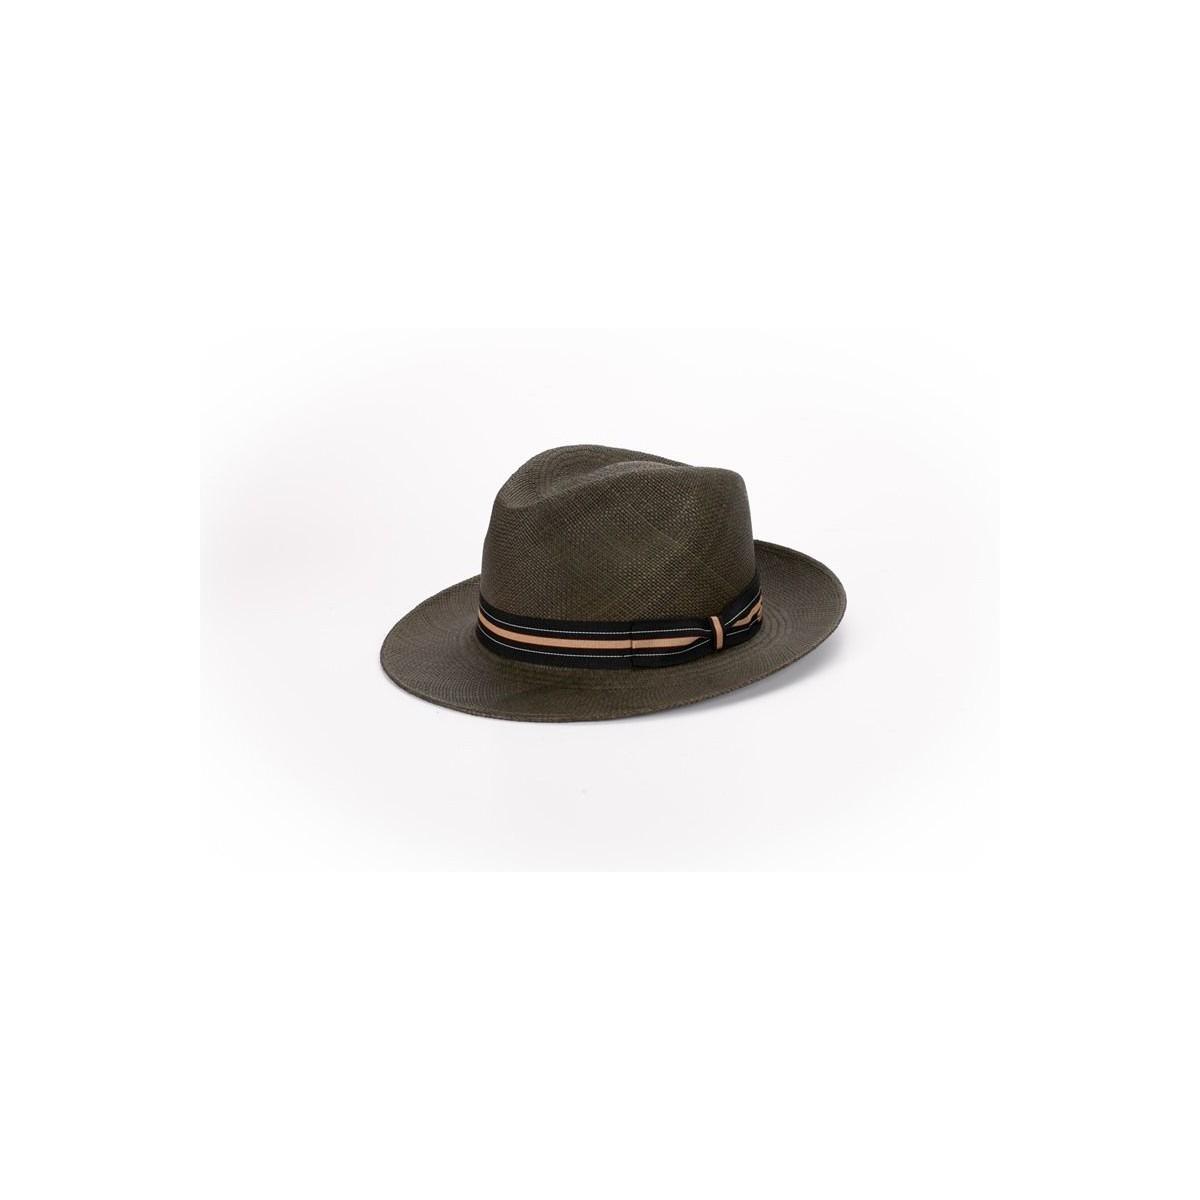 sombrero-hombre-panama-kevin-paja-toquillera-verde-botella-Fernandez-y-Roche-1